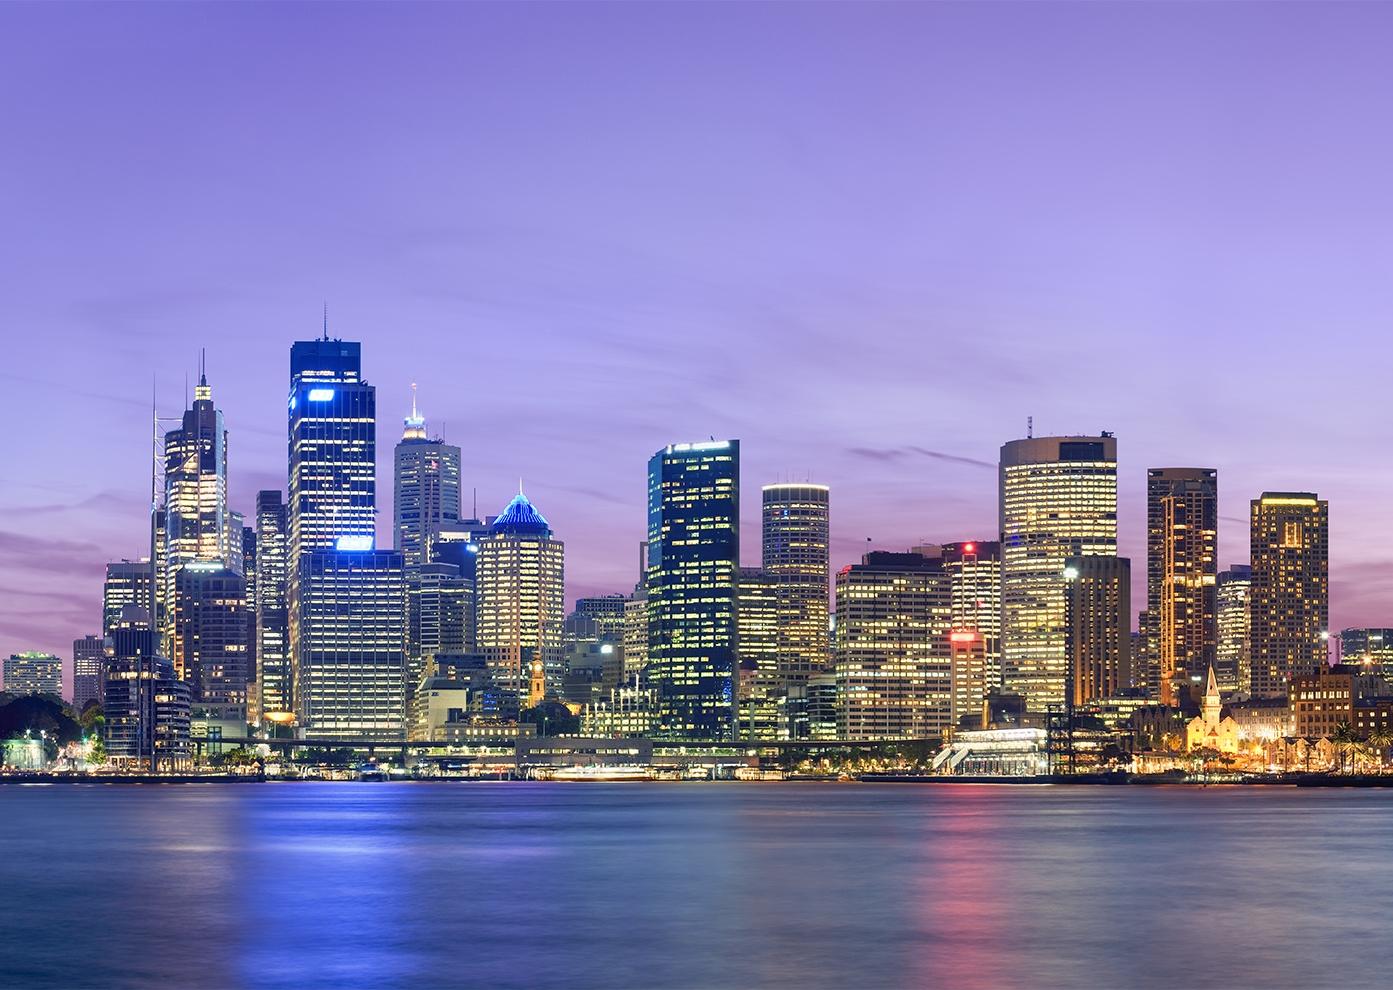 Định cư Úc dạng nhà đầu tư